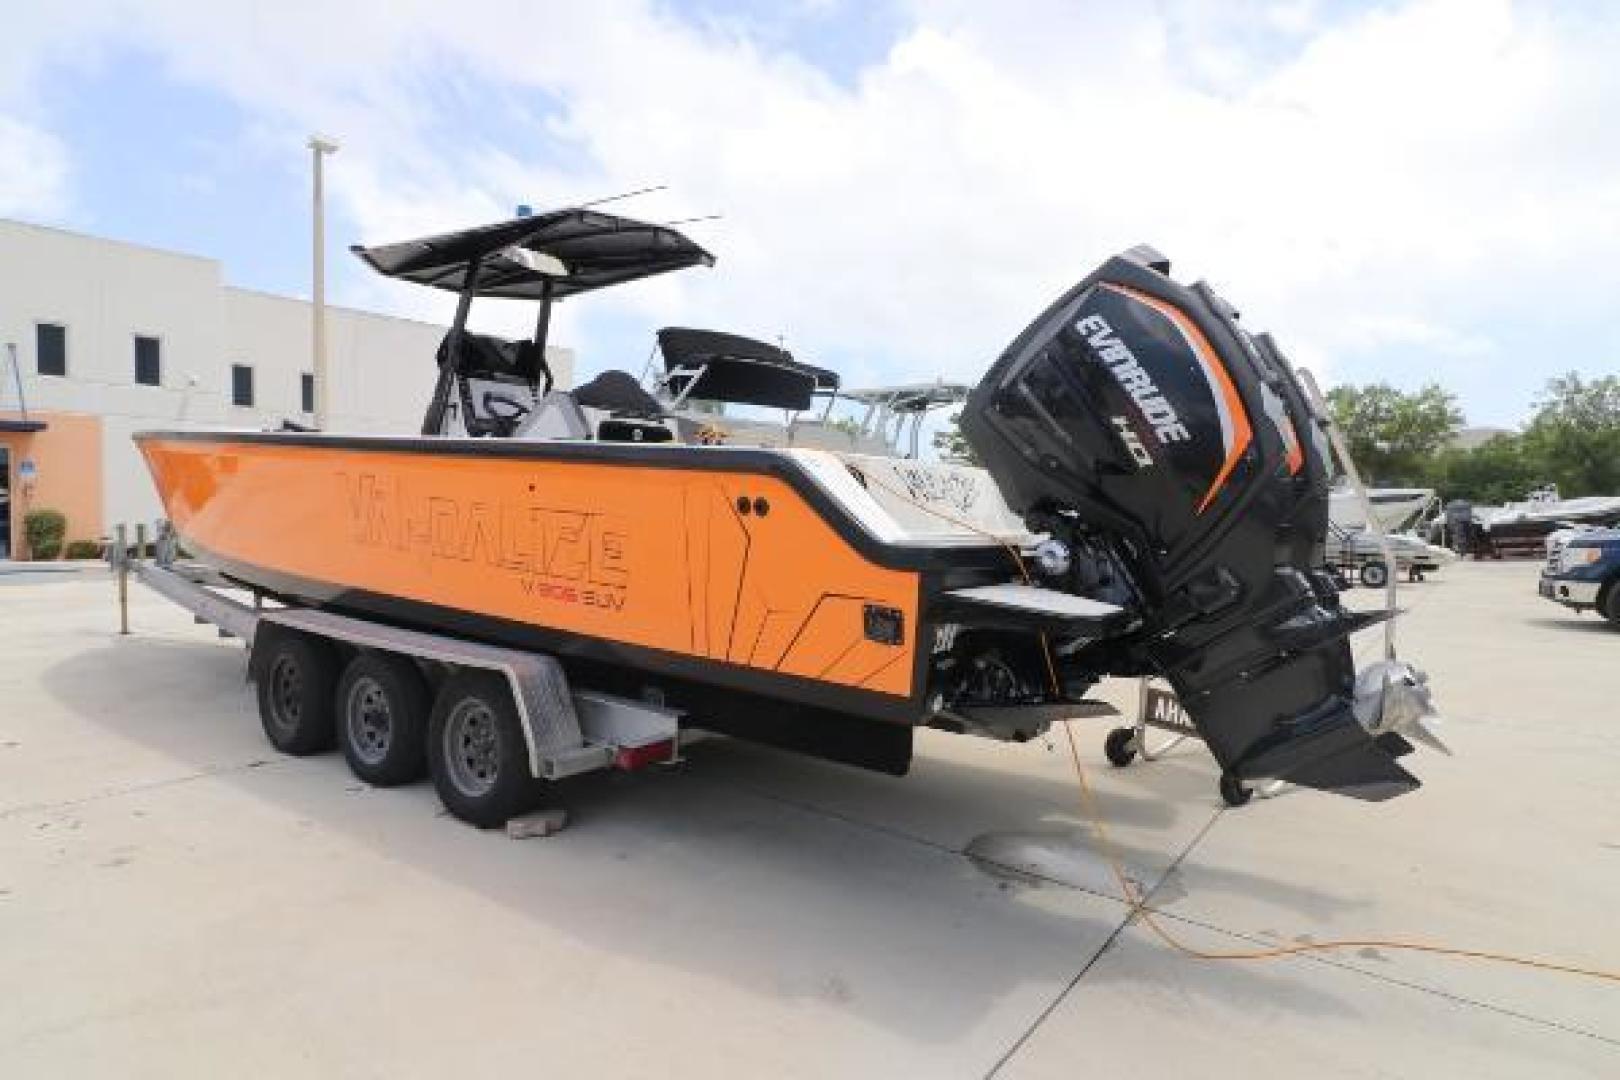 Vandalize-SUV 305 2019-Vandalize SUV 305 Fort Lauderdale-Florida-United States-1530547 | Thumbnail